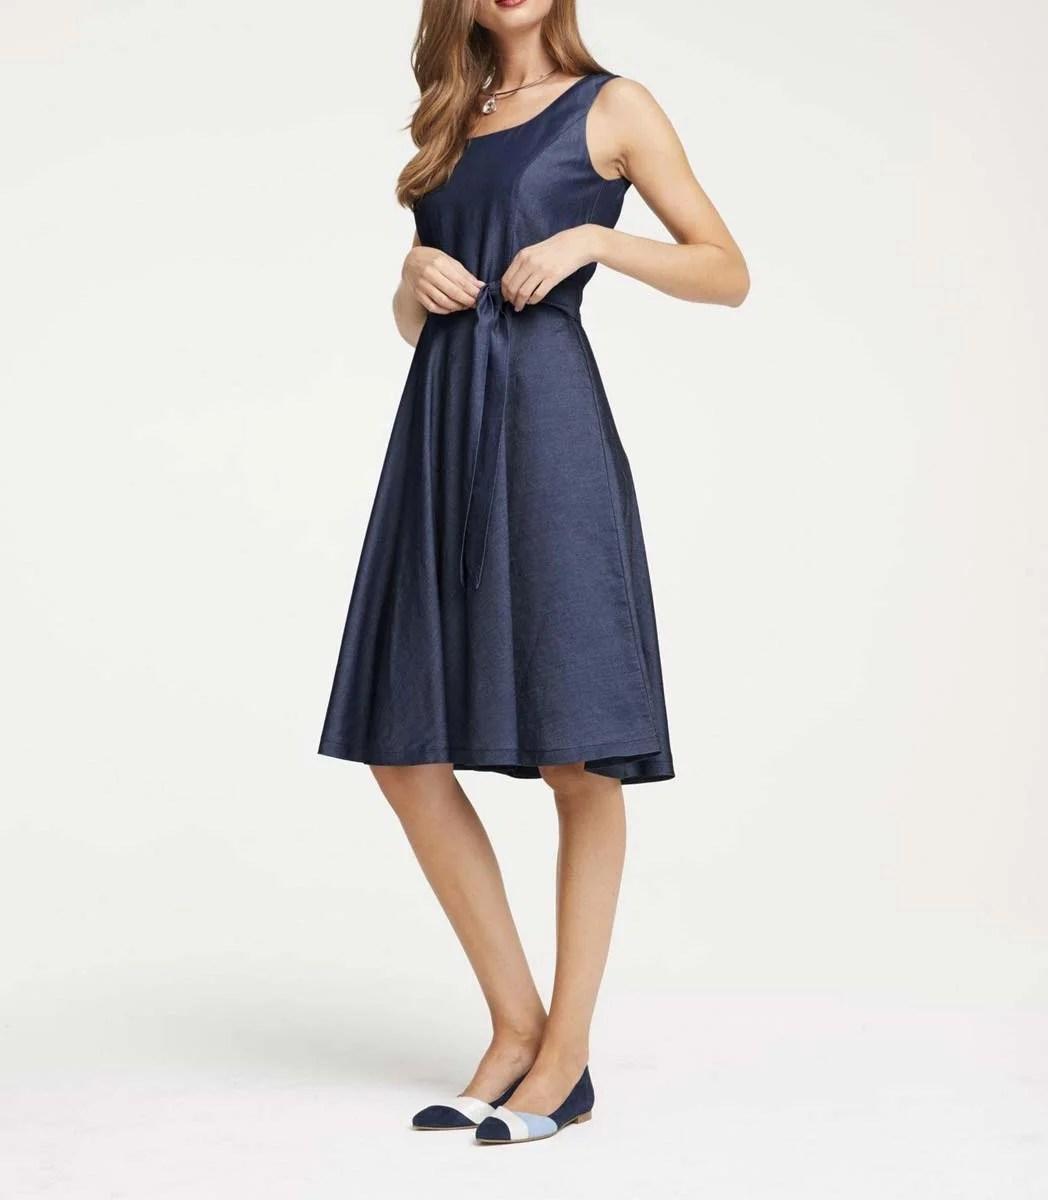 wadenlange kleider für besondere anlässe Prinzesskleid, blau von Heine 878.355 missforty